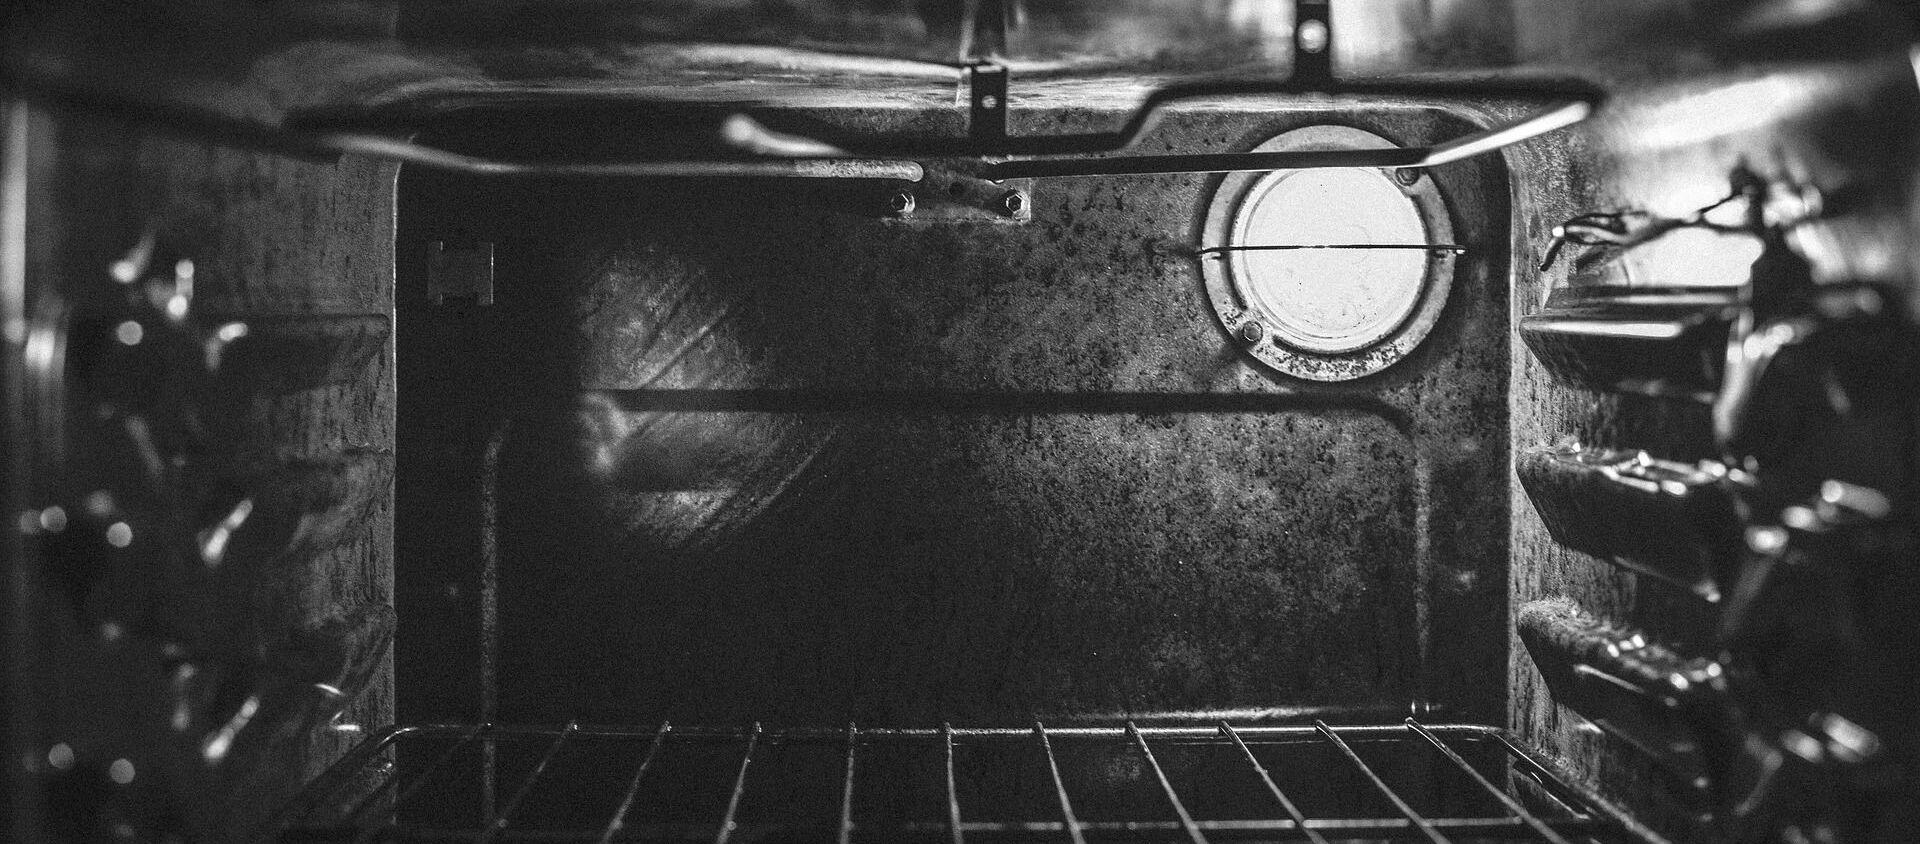 Ένας φούρνος κουζίνας (φωτ. αρχείου) - Sputnik Ελλάδα, 1920, 20.06.2020